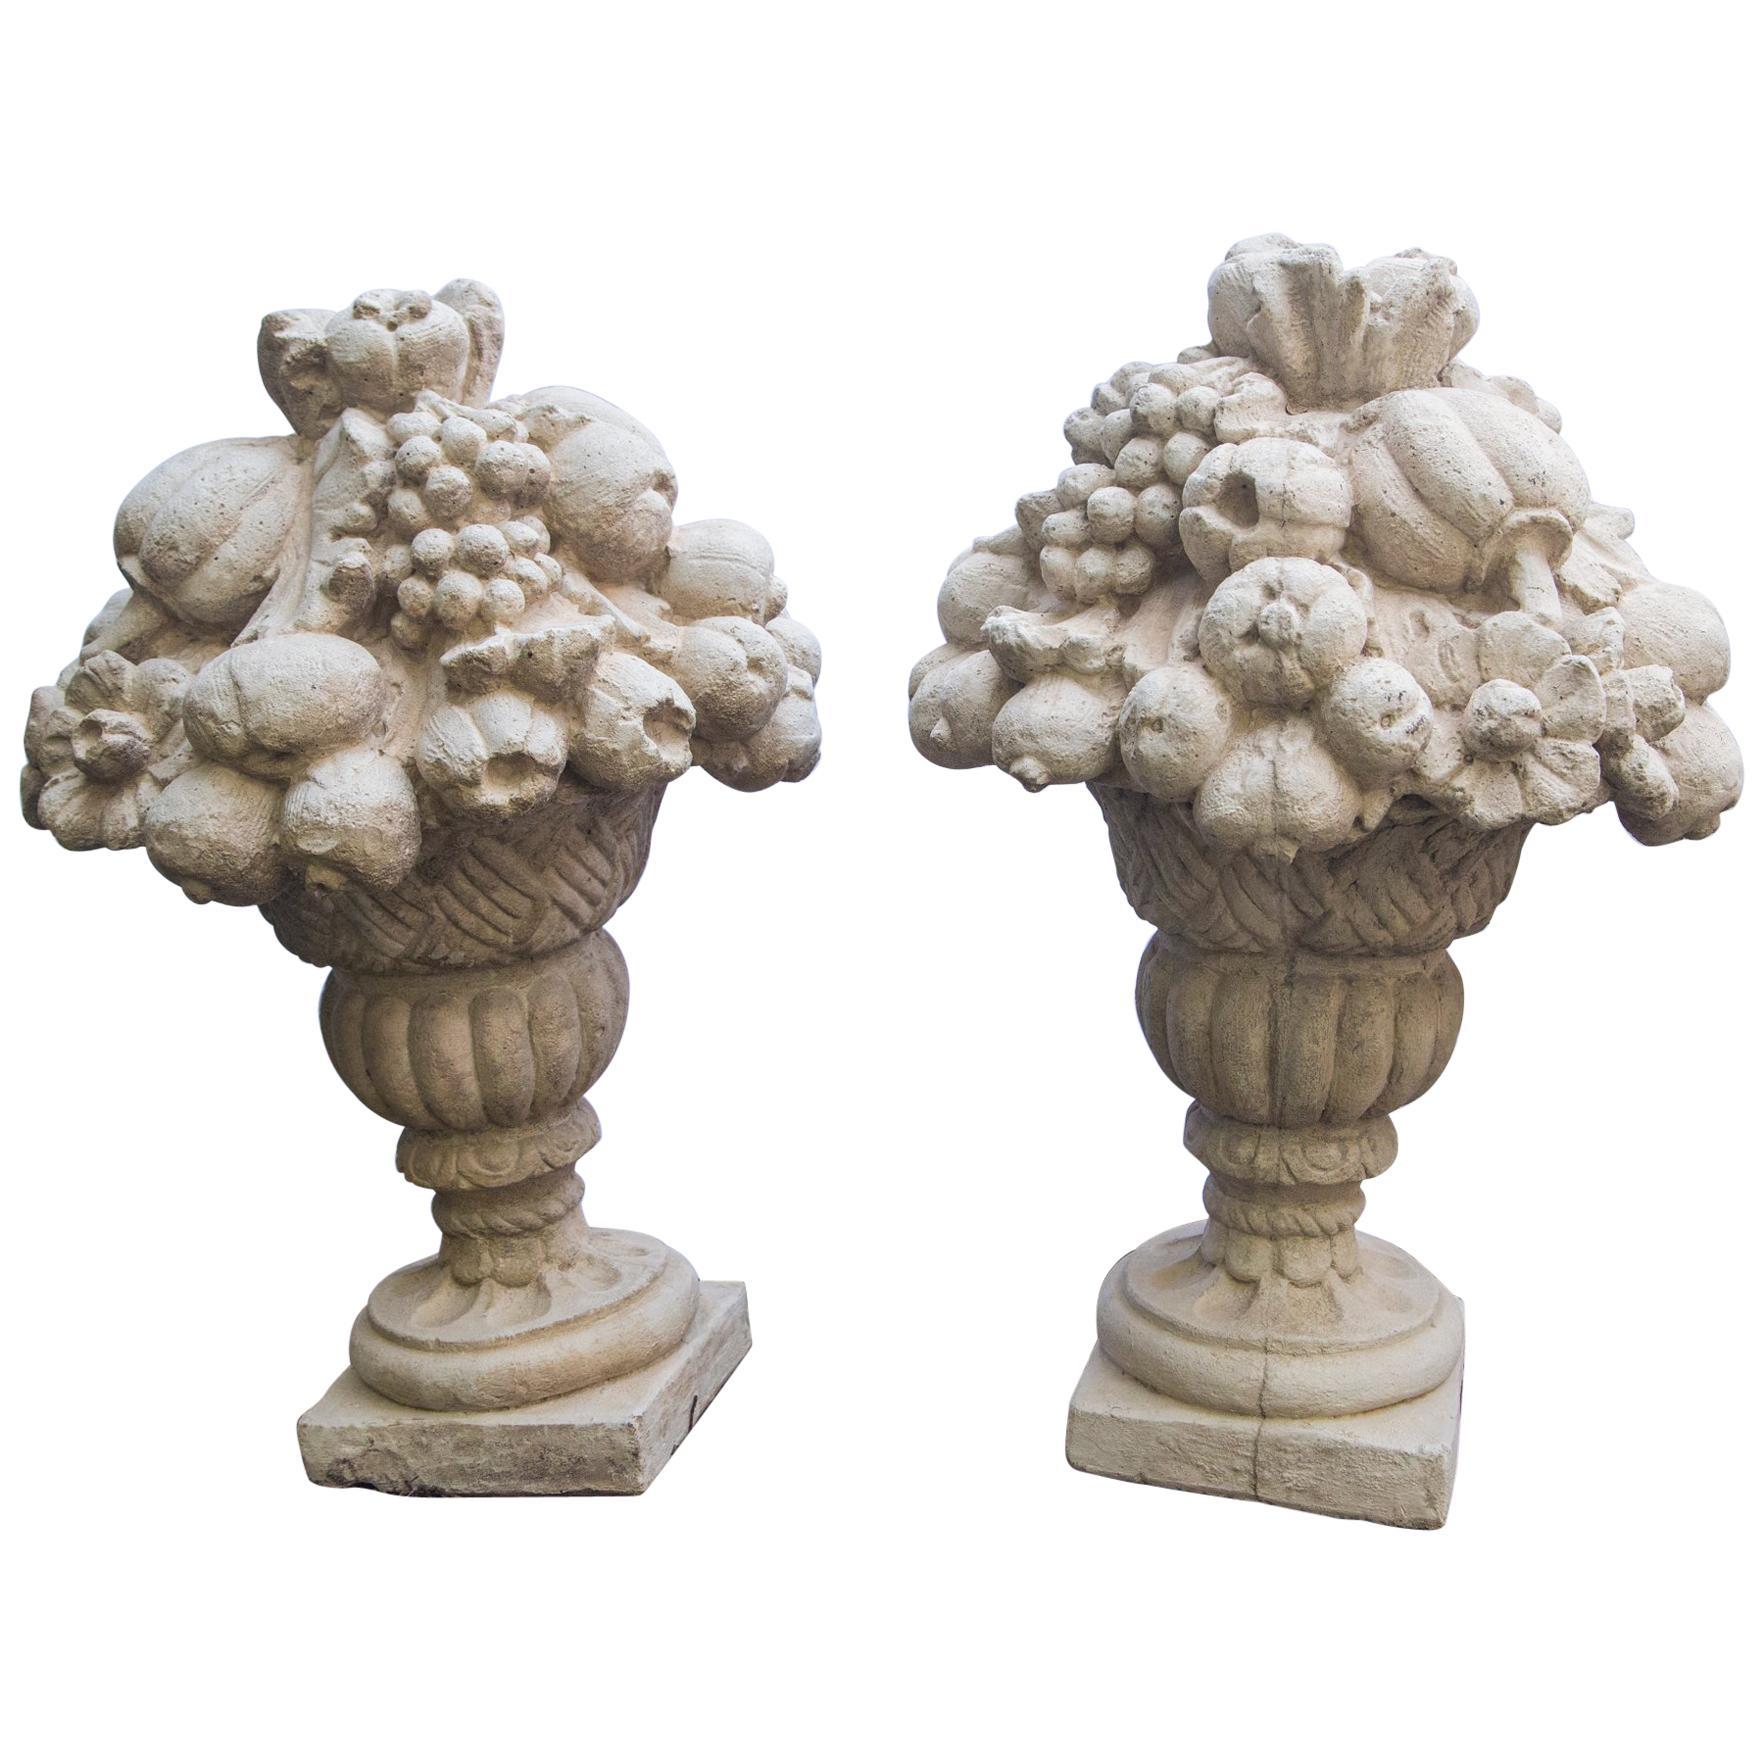 Pair of Cast Cement Fruit Basket Garden Ornaments